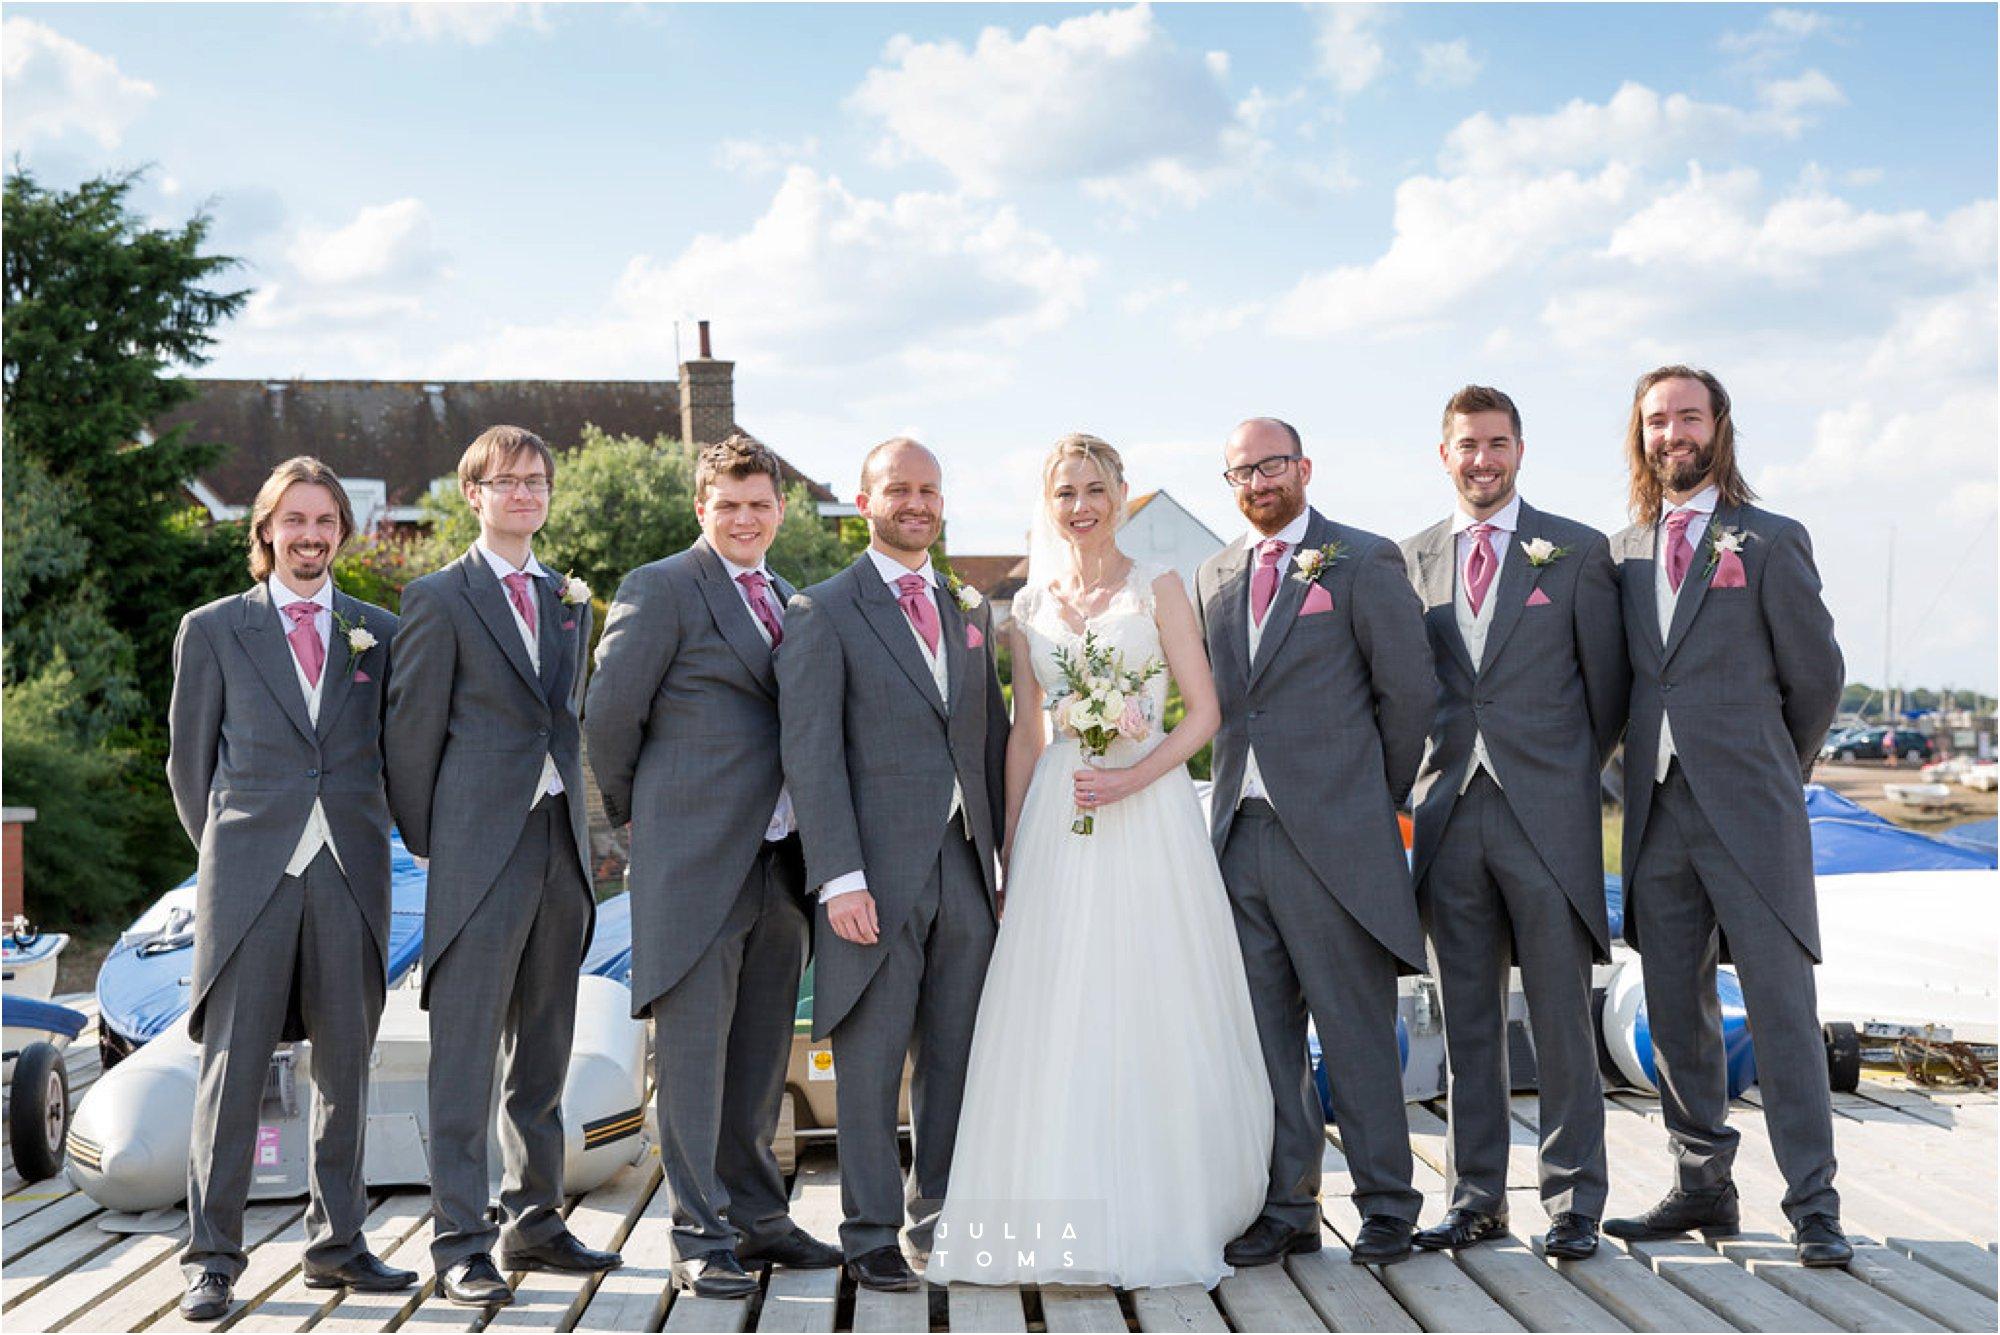 itchenor_wedding_chichester_photographer_066.jpg